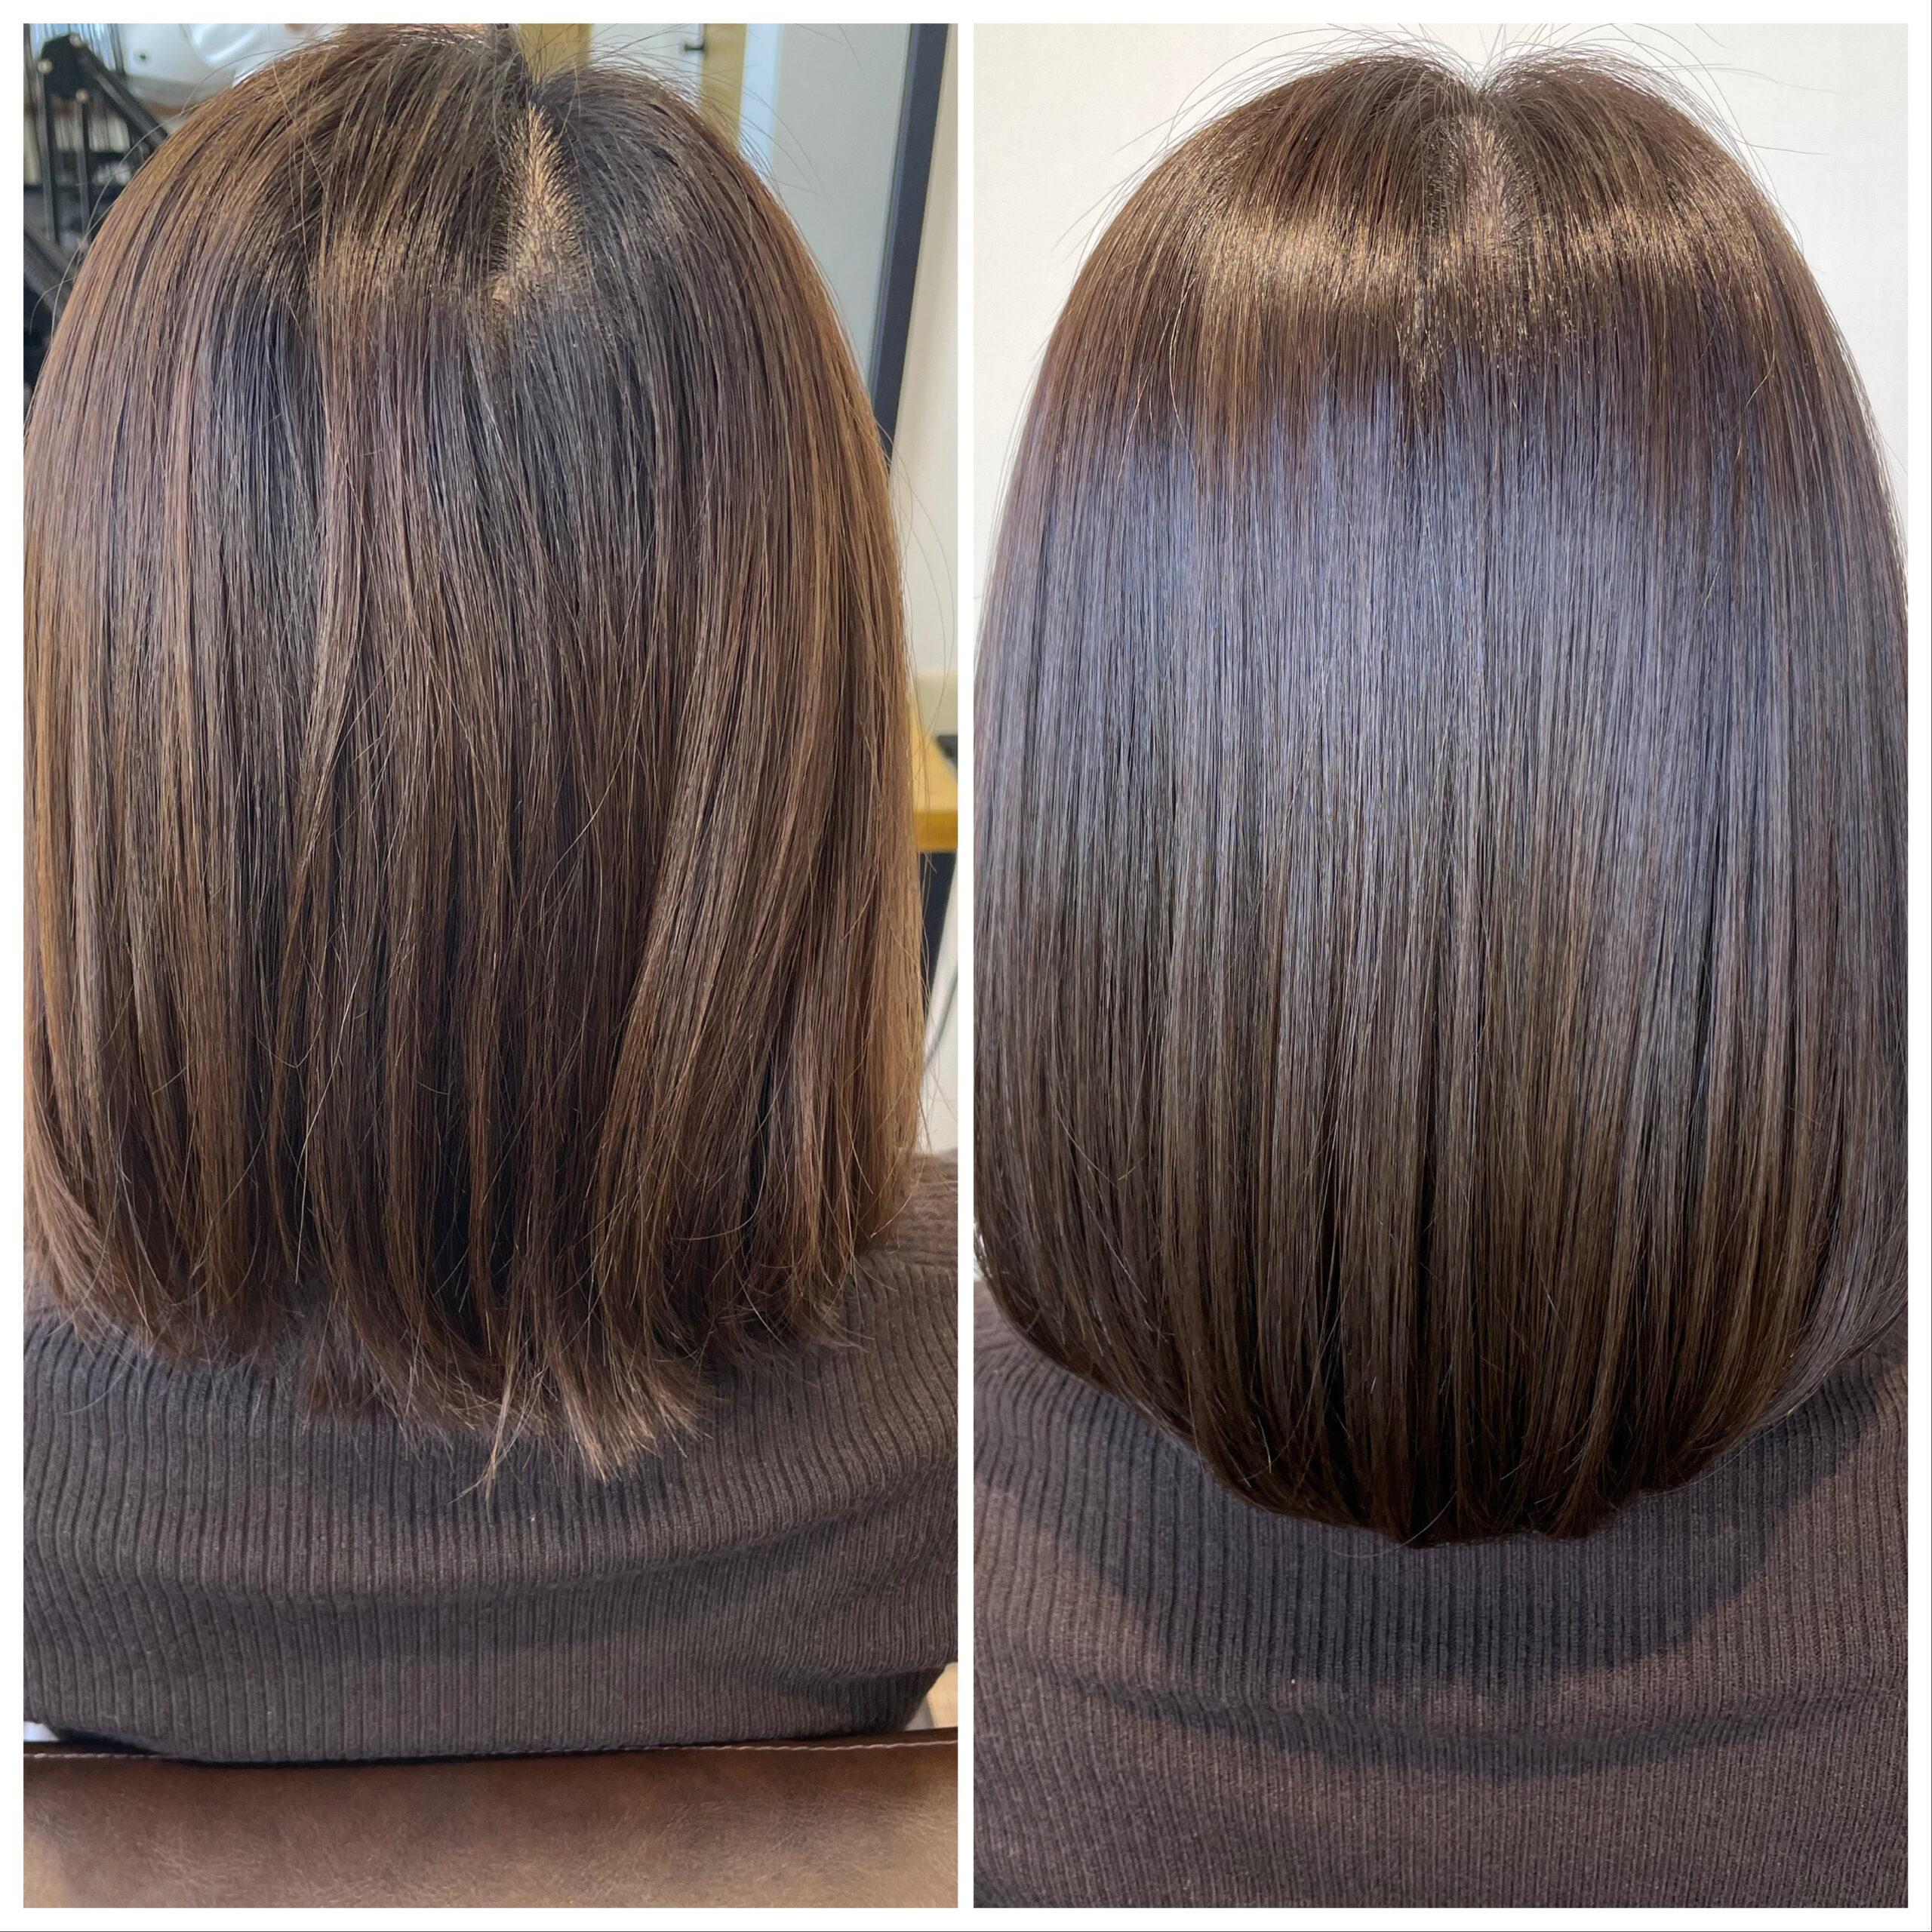 大分県別府市 髪質改善 お試し中の艶髪カラー&トリートメント ビフォーアフター